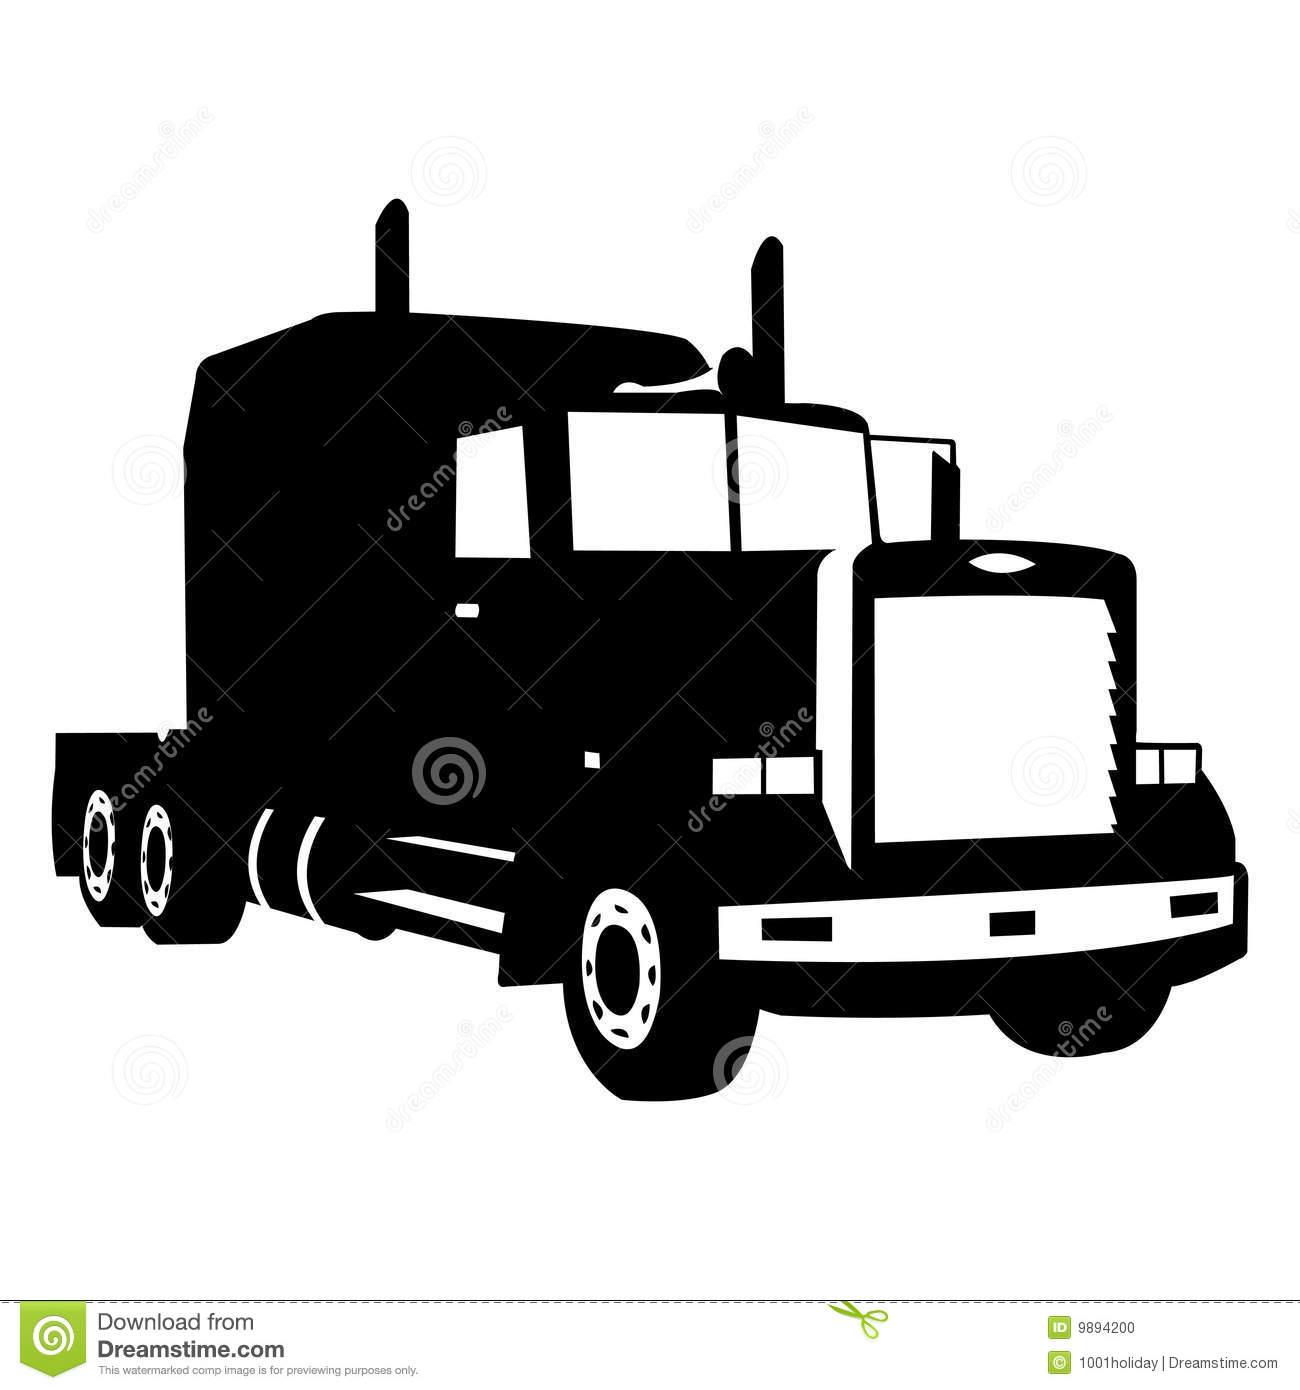 Semi Truck Silhouette Clipart .-Semi Truck Silhouette Clipart .-10